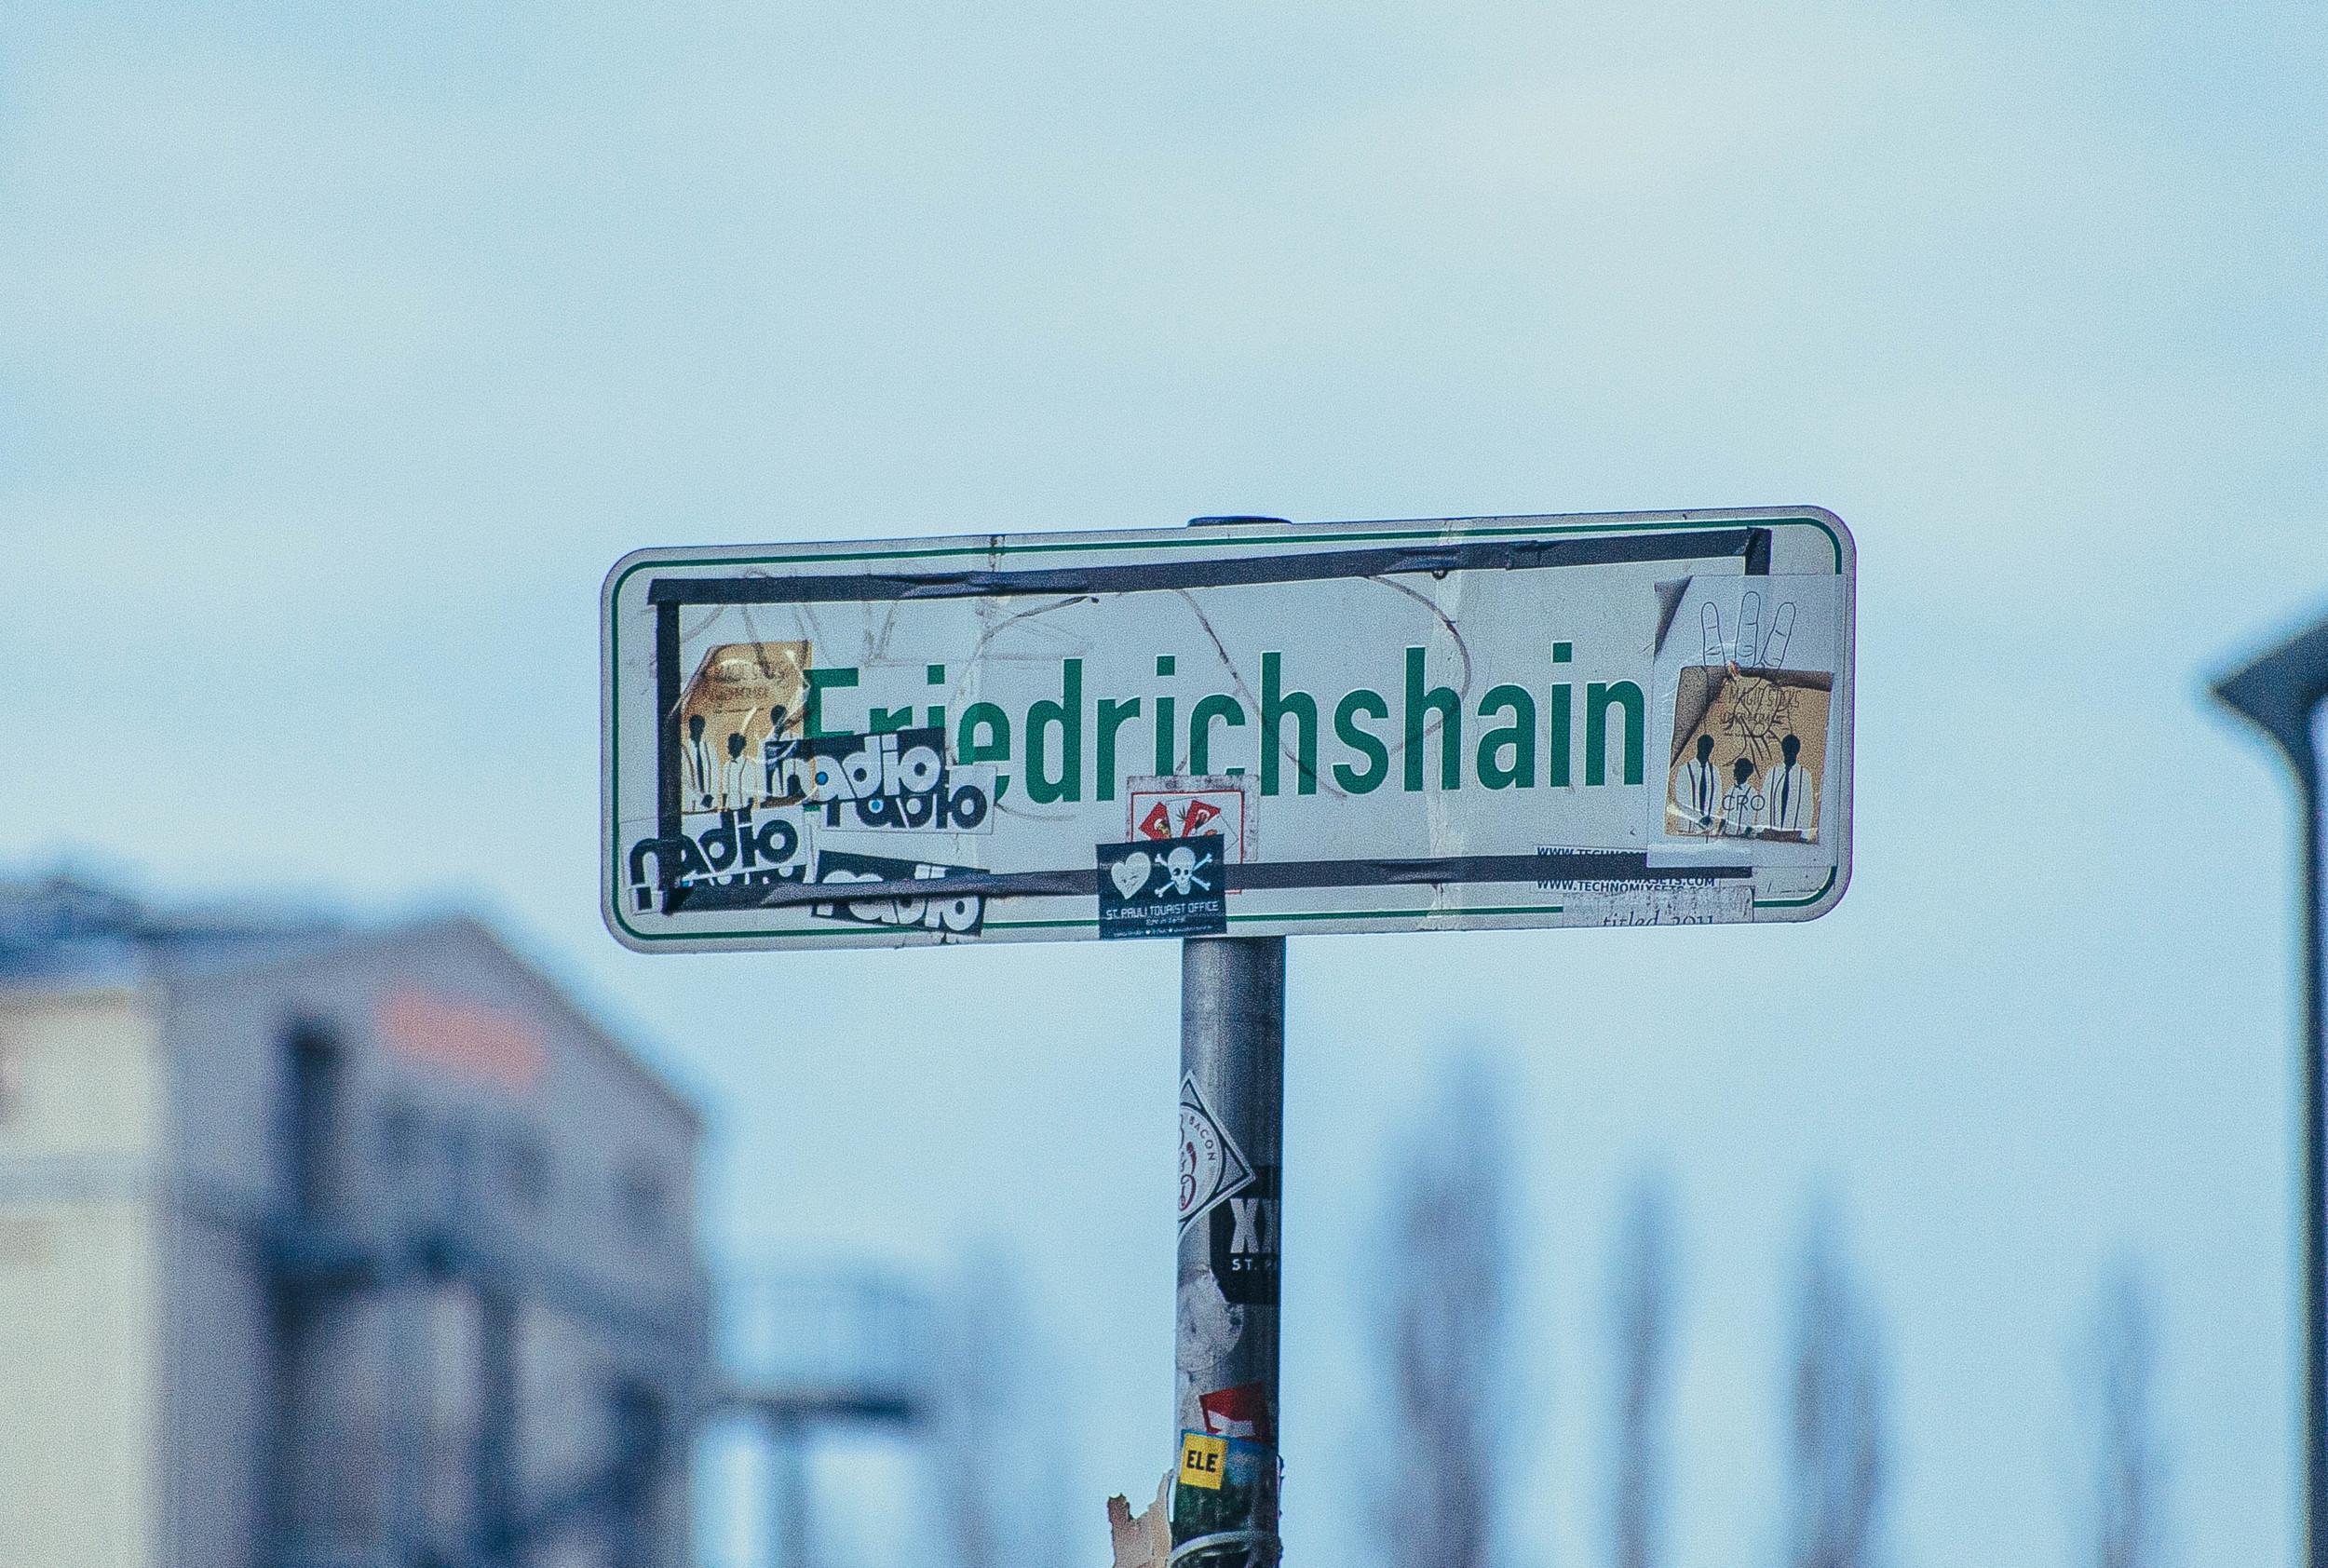 friedrichshain.jpg